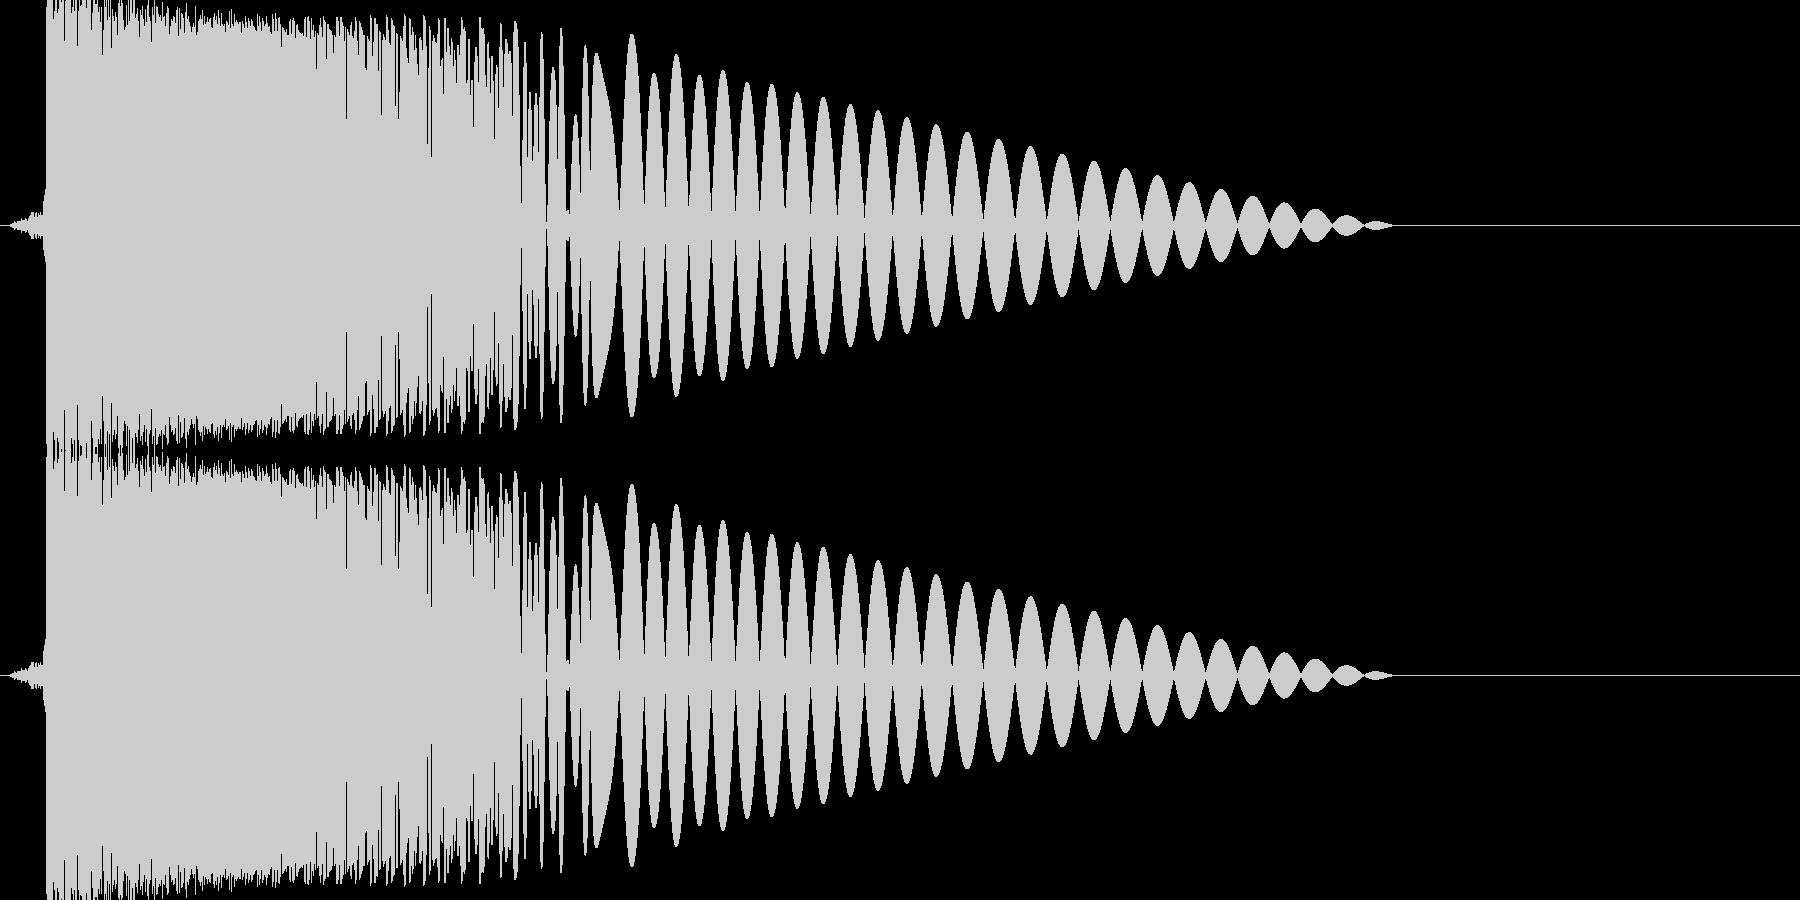 ズキュン!というレーザー発射音ですの未再生の波形